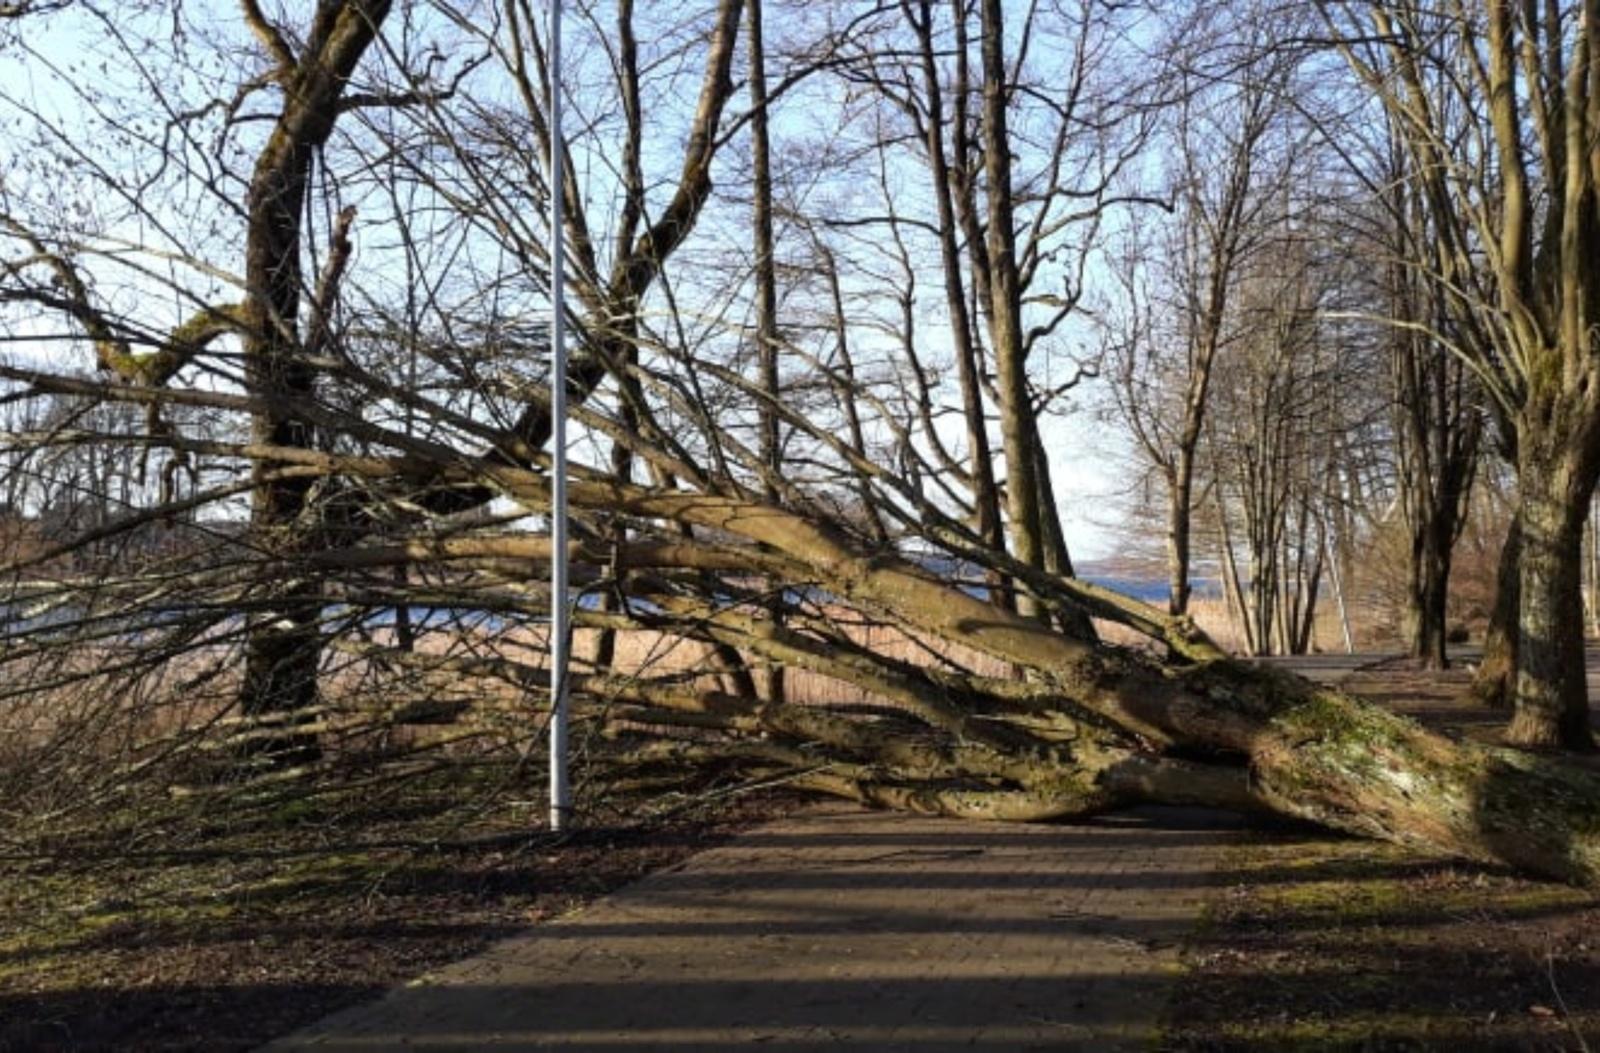 Audra Lazdijų rajone vartė medžius, laužė šakas